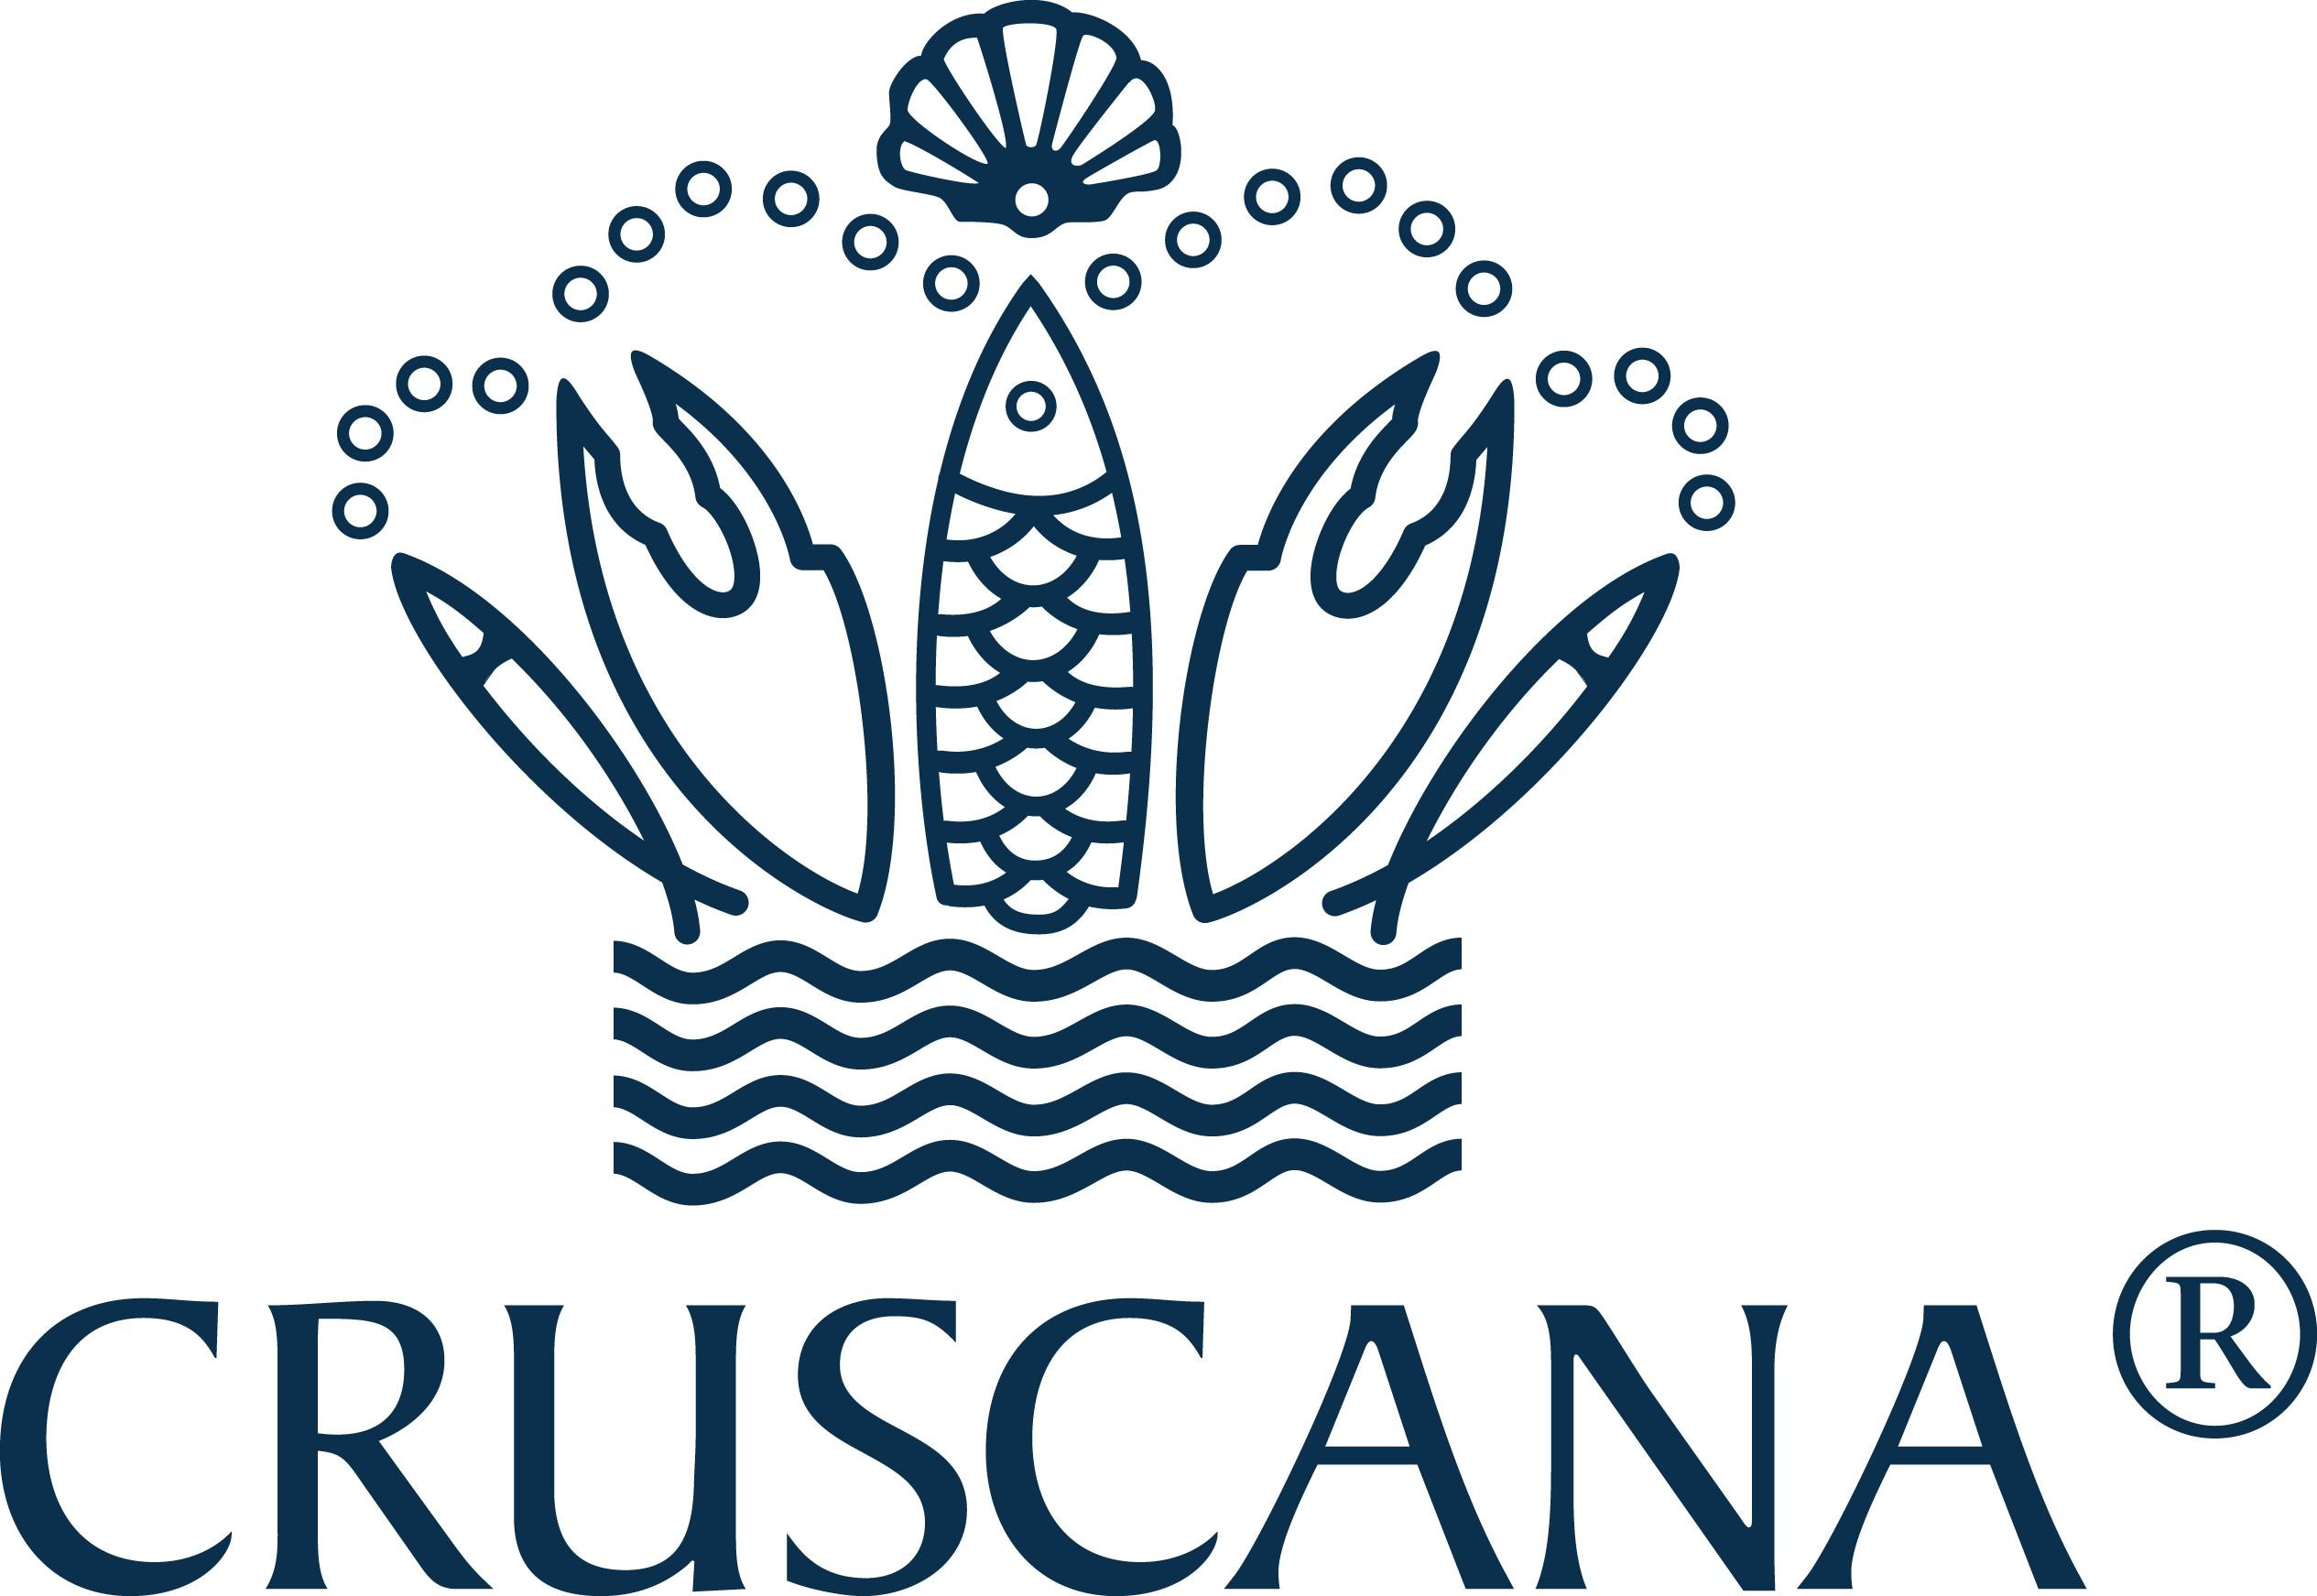 Cruscana